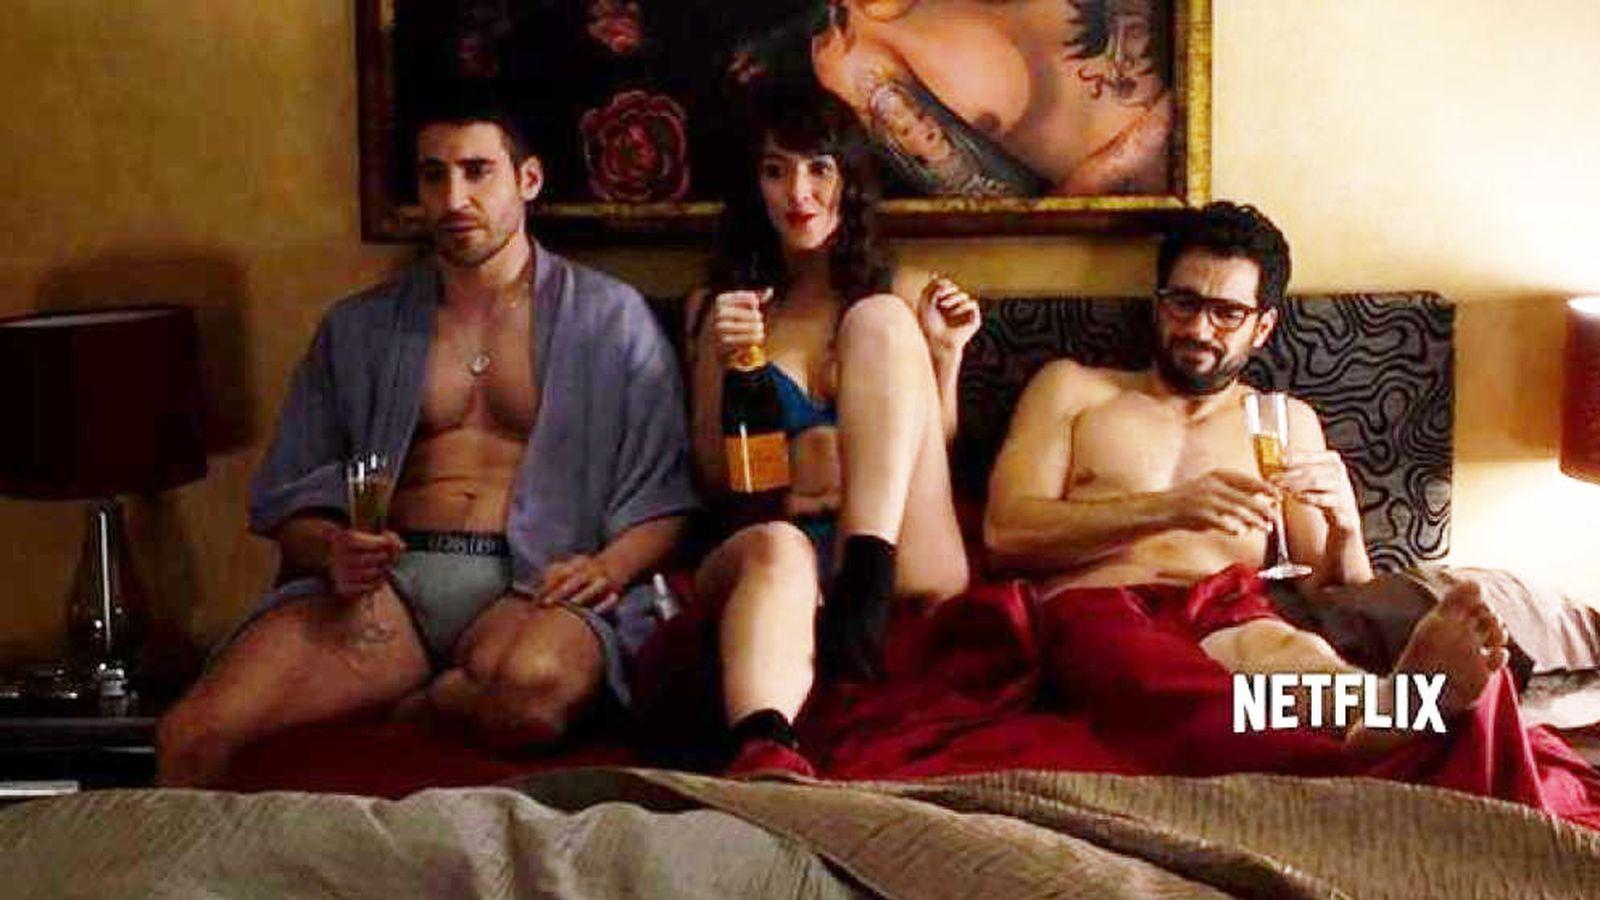 Foto: Fotograma de la serie 'Sense8' que emite Netflix.